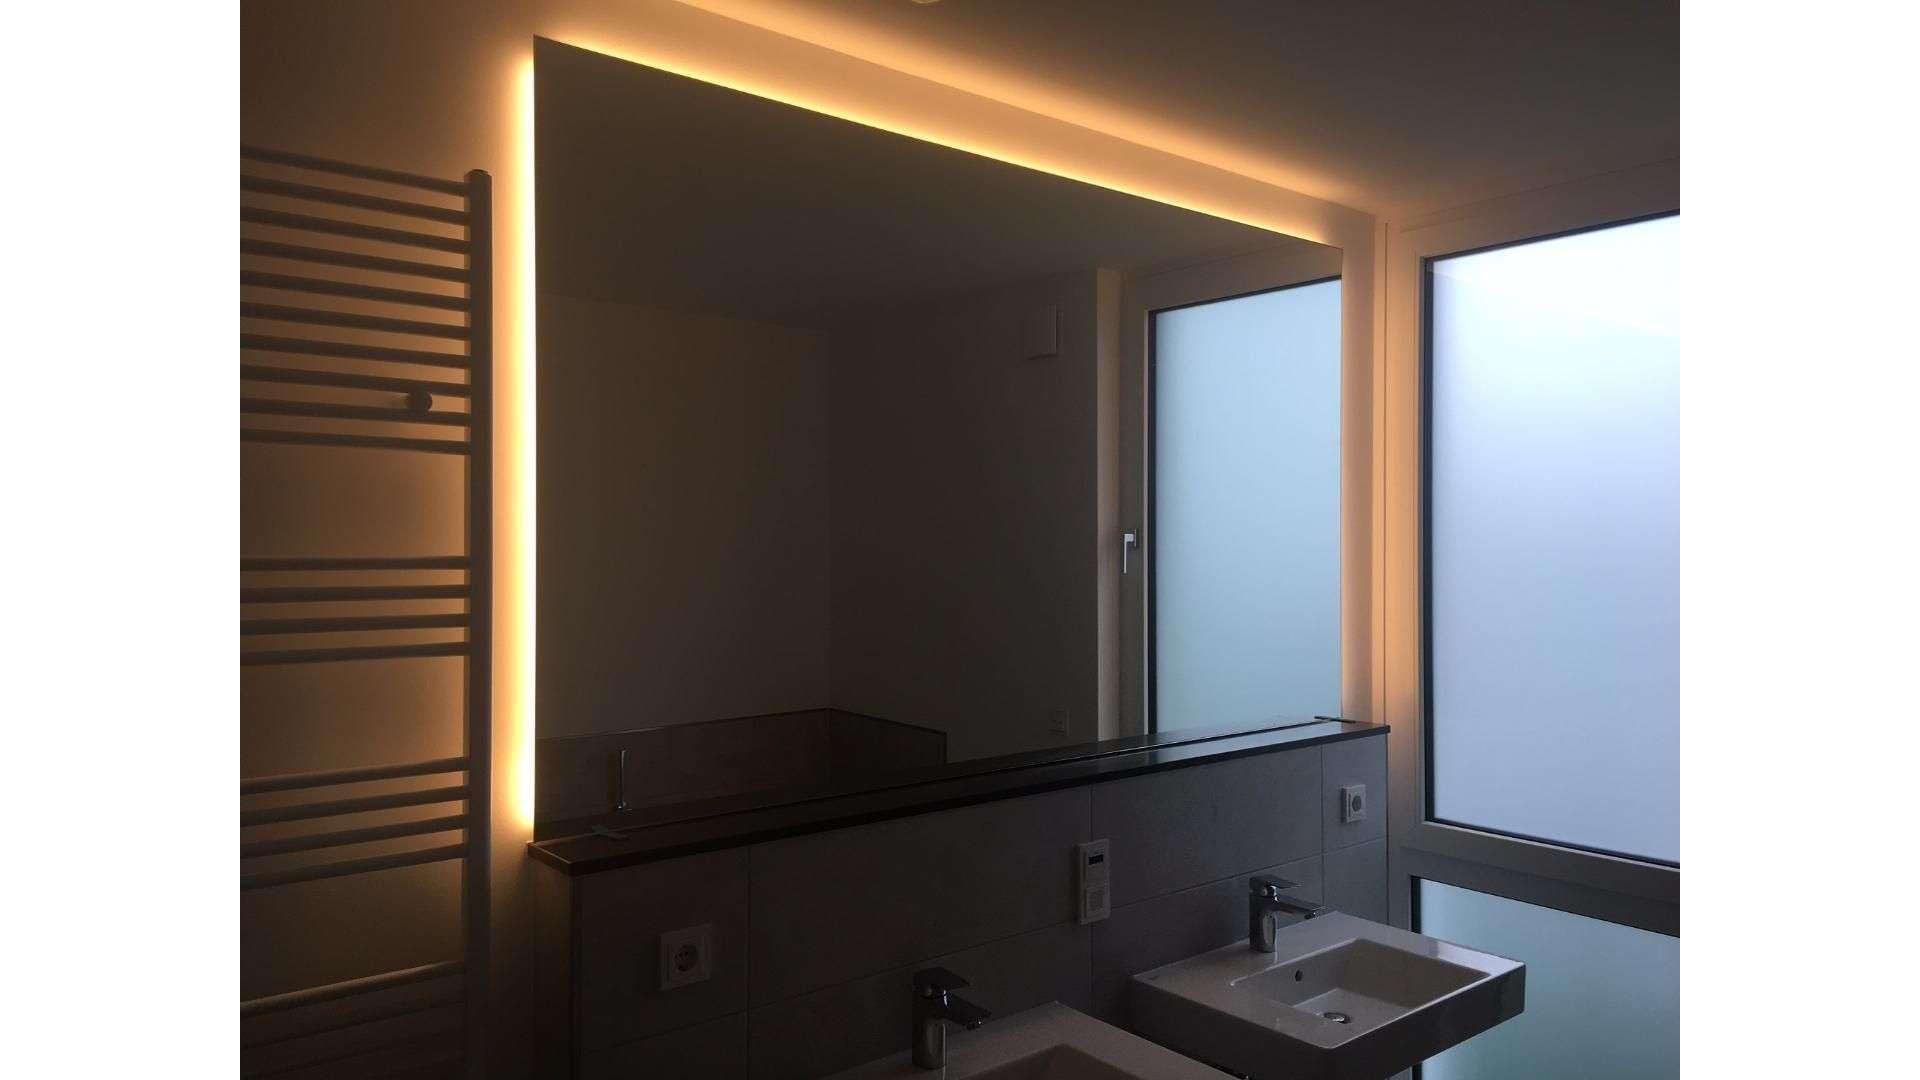 Spiegel mit indirekter Beleuchtung über zwei Waschtischen